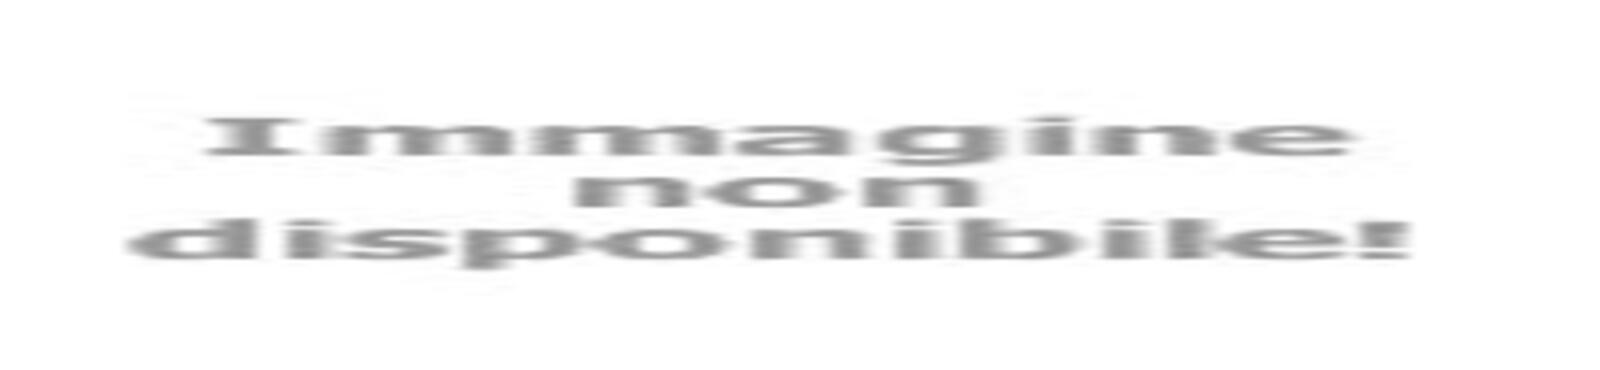 petronianaviaggi it i-borghi-rotondi-della-val-di-vara-e-le-cinque-terre-v439 002